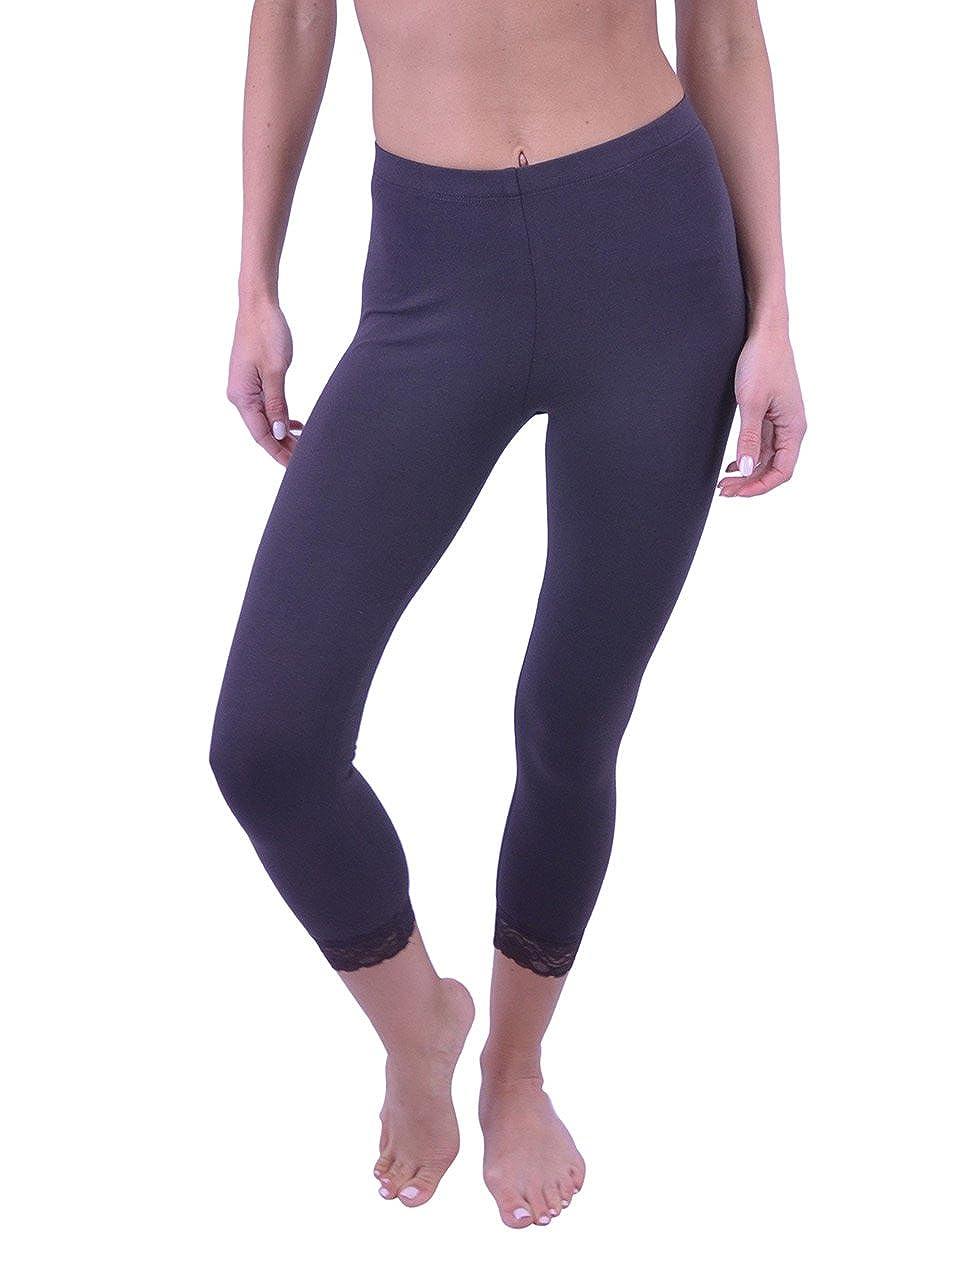 Vivian's Fashions Capri Leggings - Cotton, Lace (Misses and Misses Plus Sizes) VF Manufacturing PP1152L